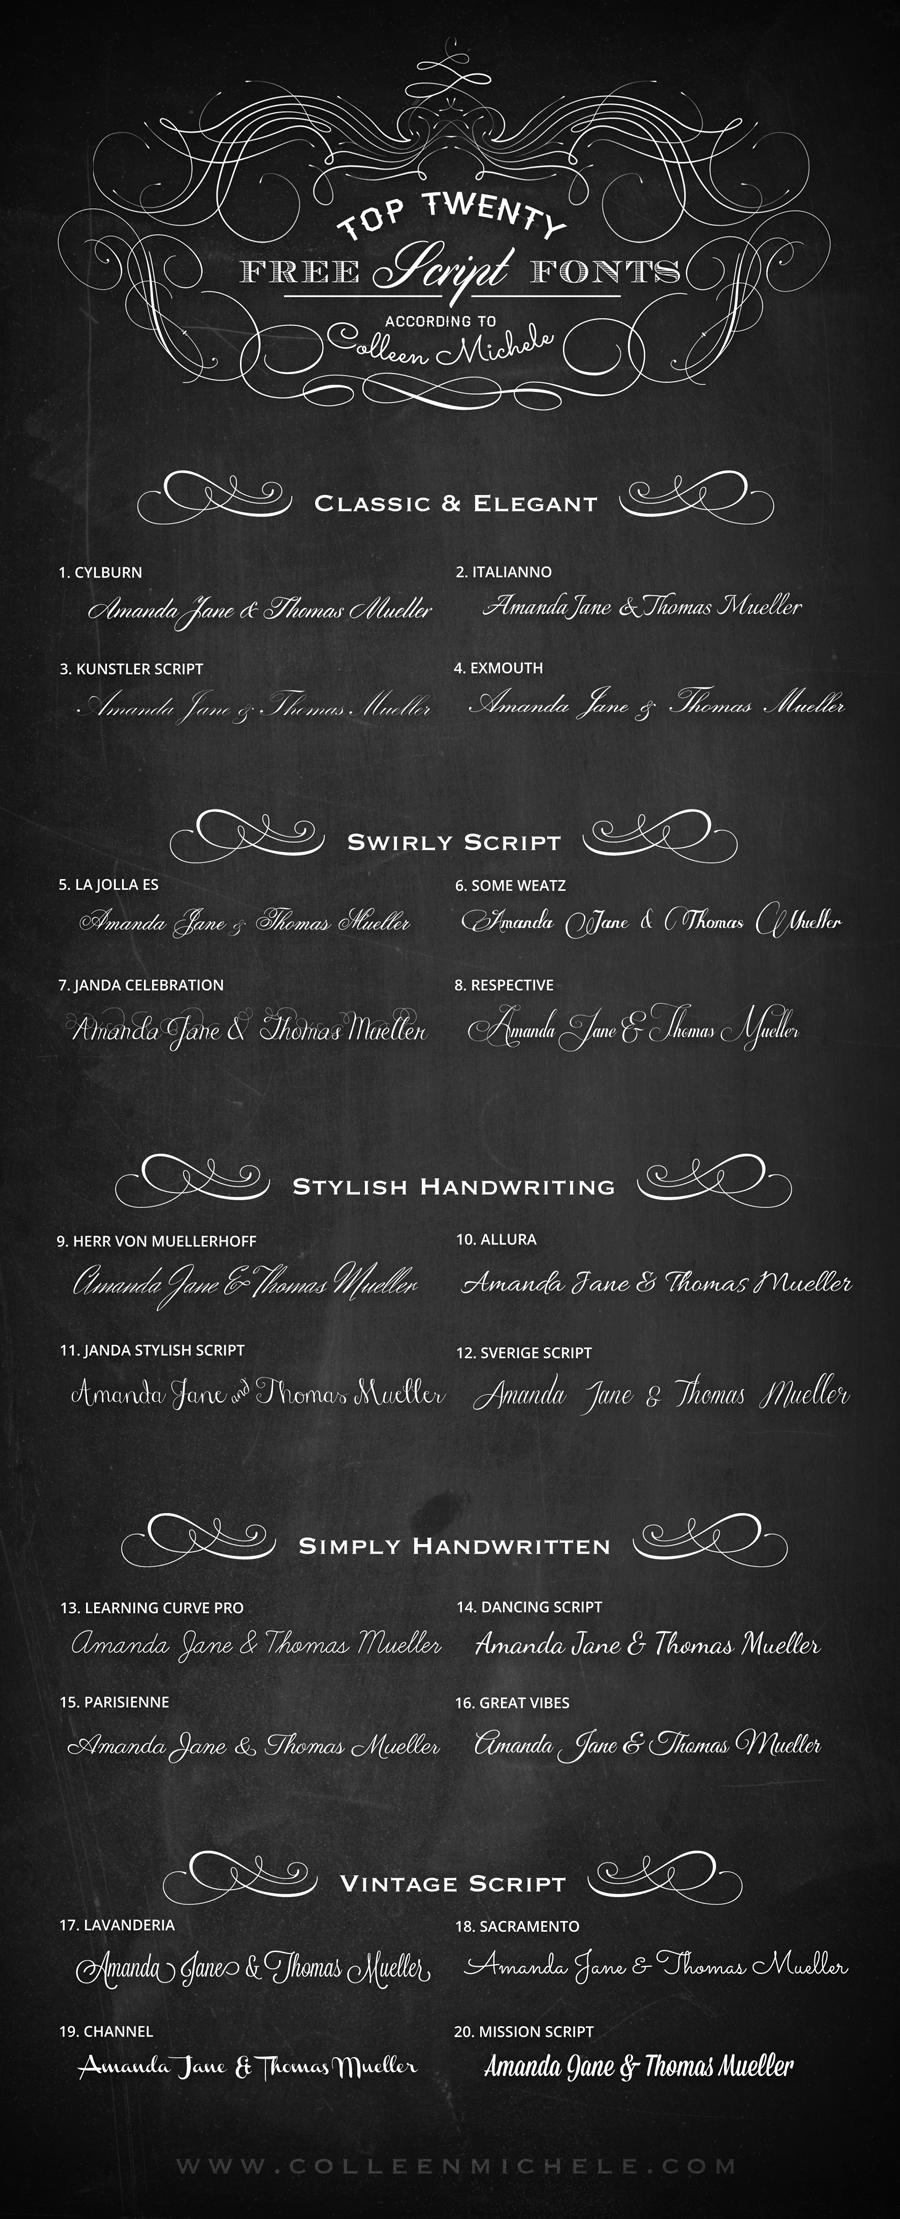 Top 20 Free Wedding Script Fonts